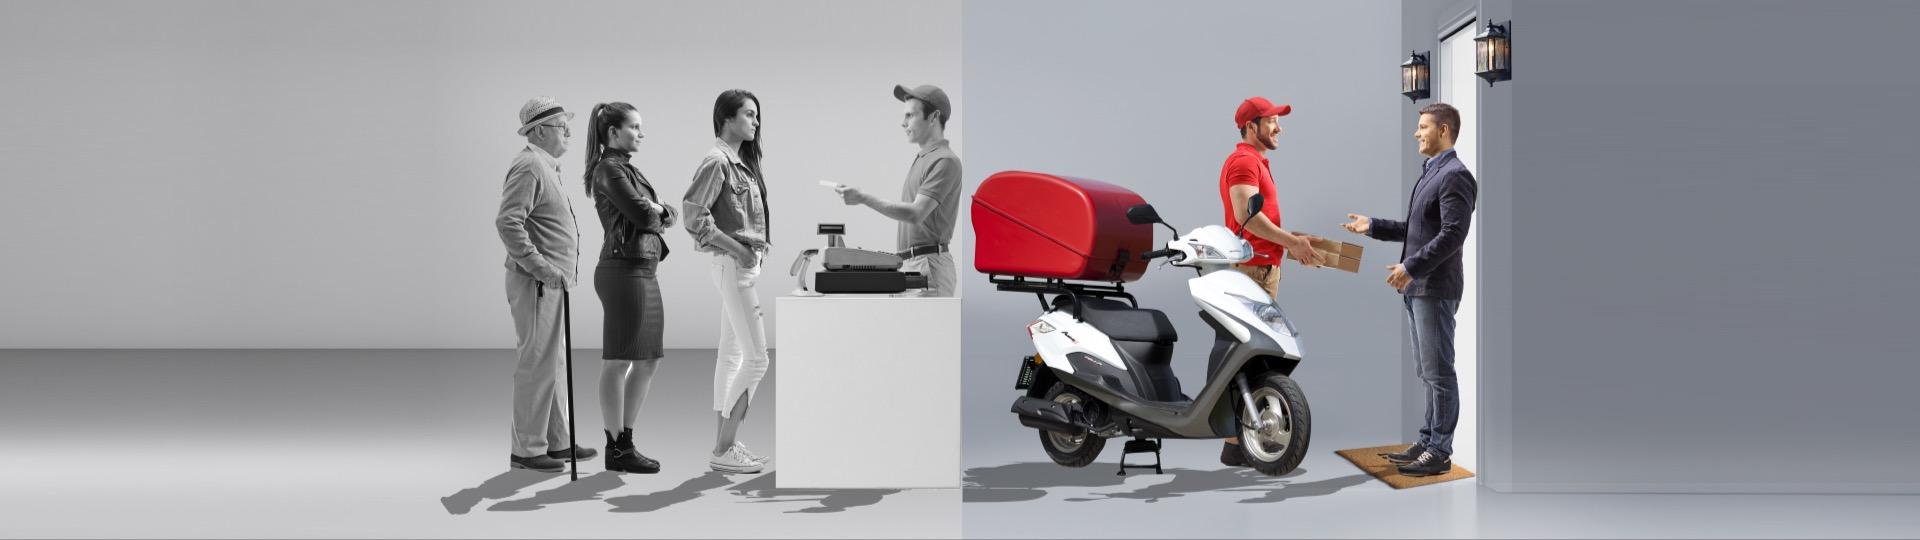 MOTO ENSAR Daha mutlu müşteriler için, hizmetin şeklini değiştir!